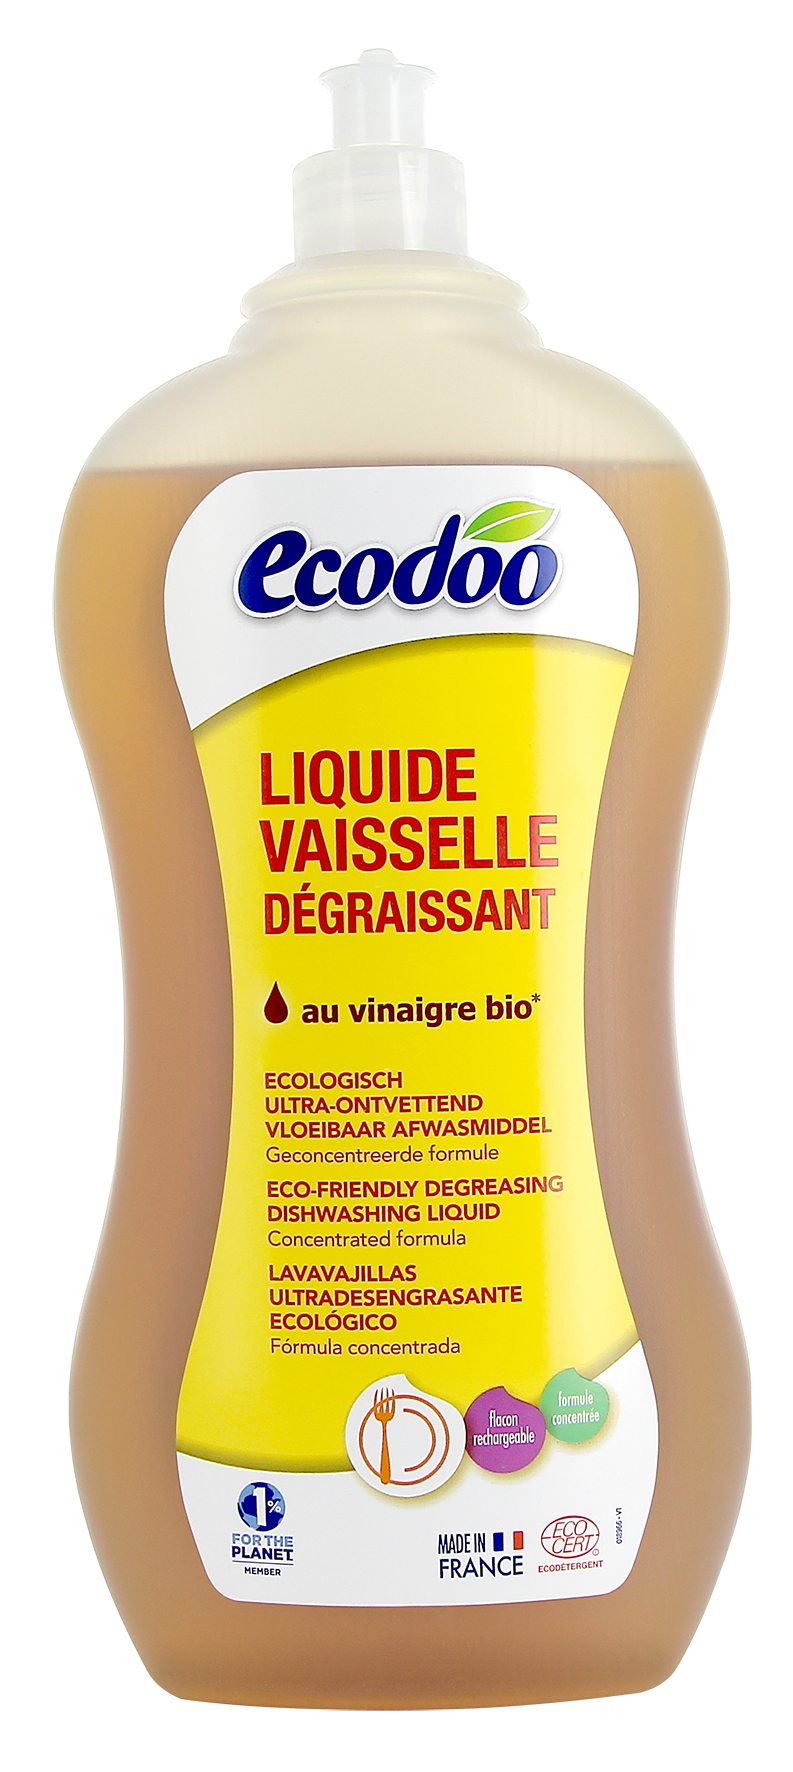 Liquide vaisselle dégraissant au vinaigre BIO, Ecodoo (1 l)